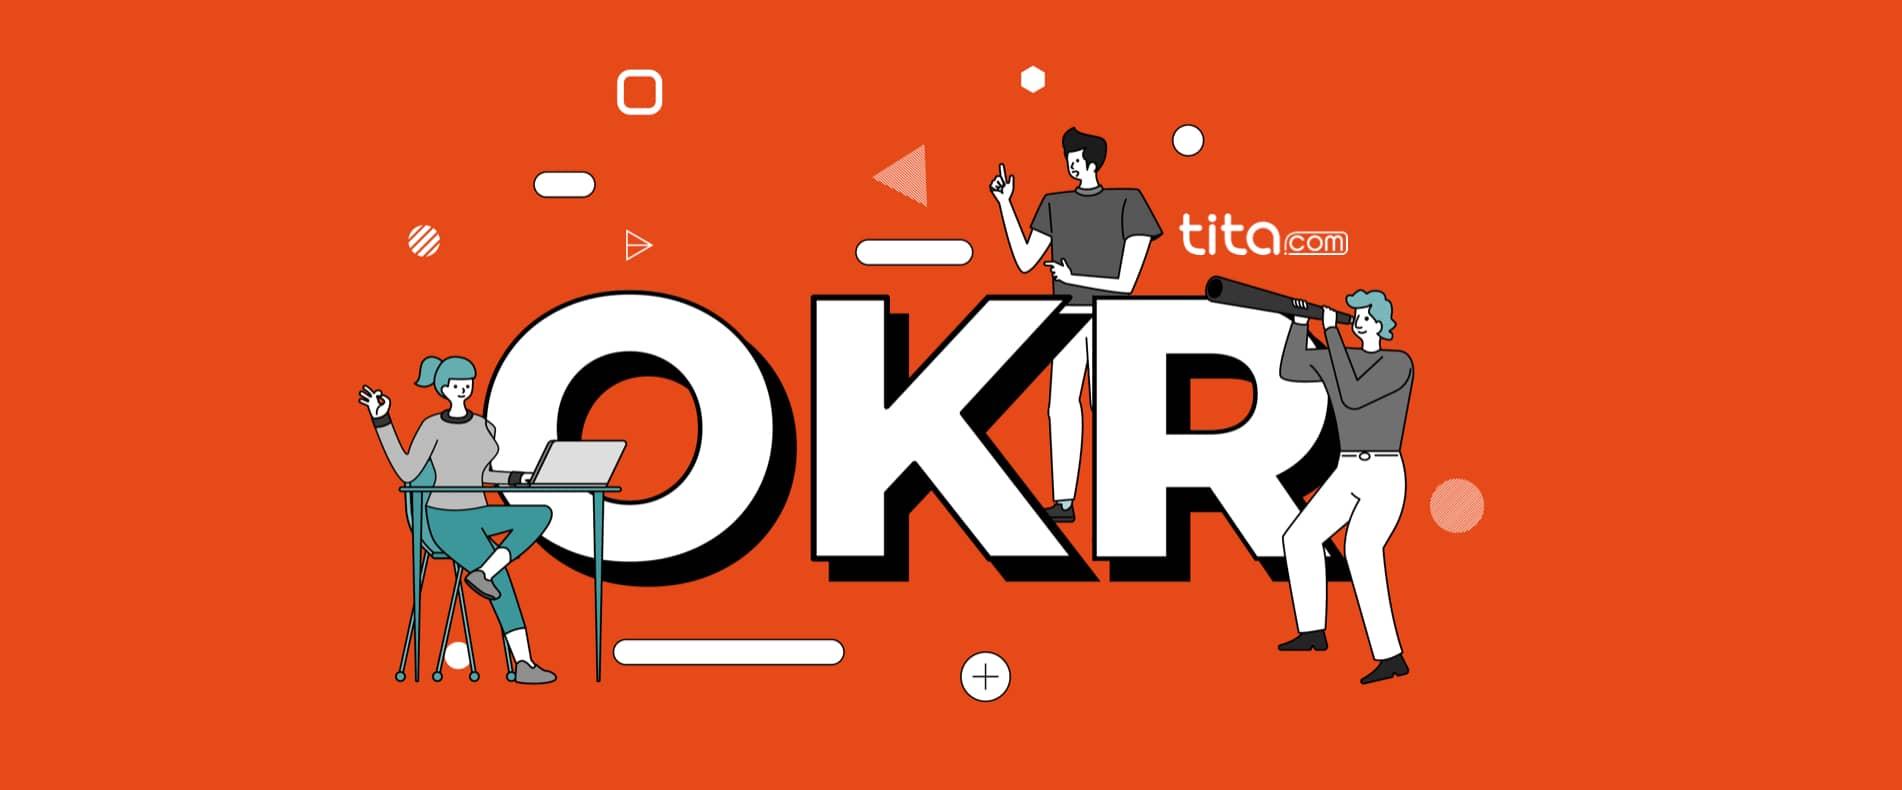 OKR:目标要定性,关键结果要定量